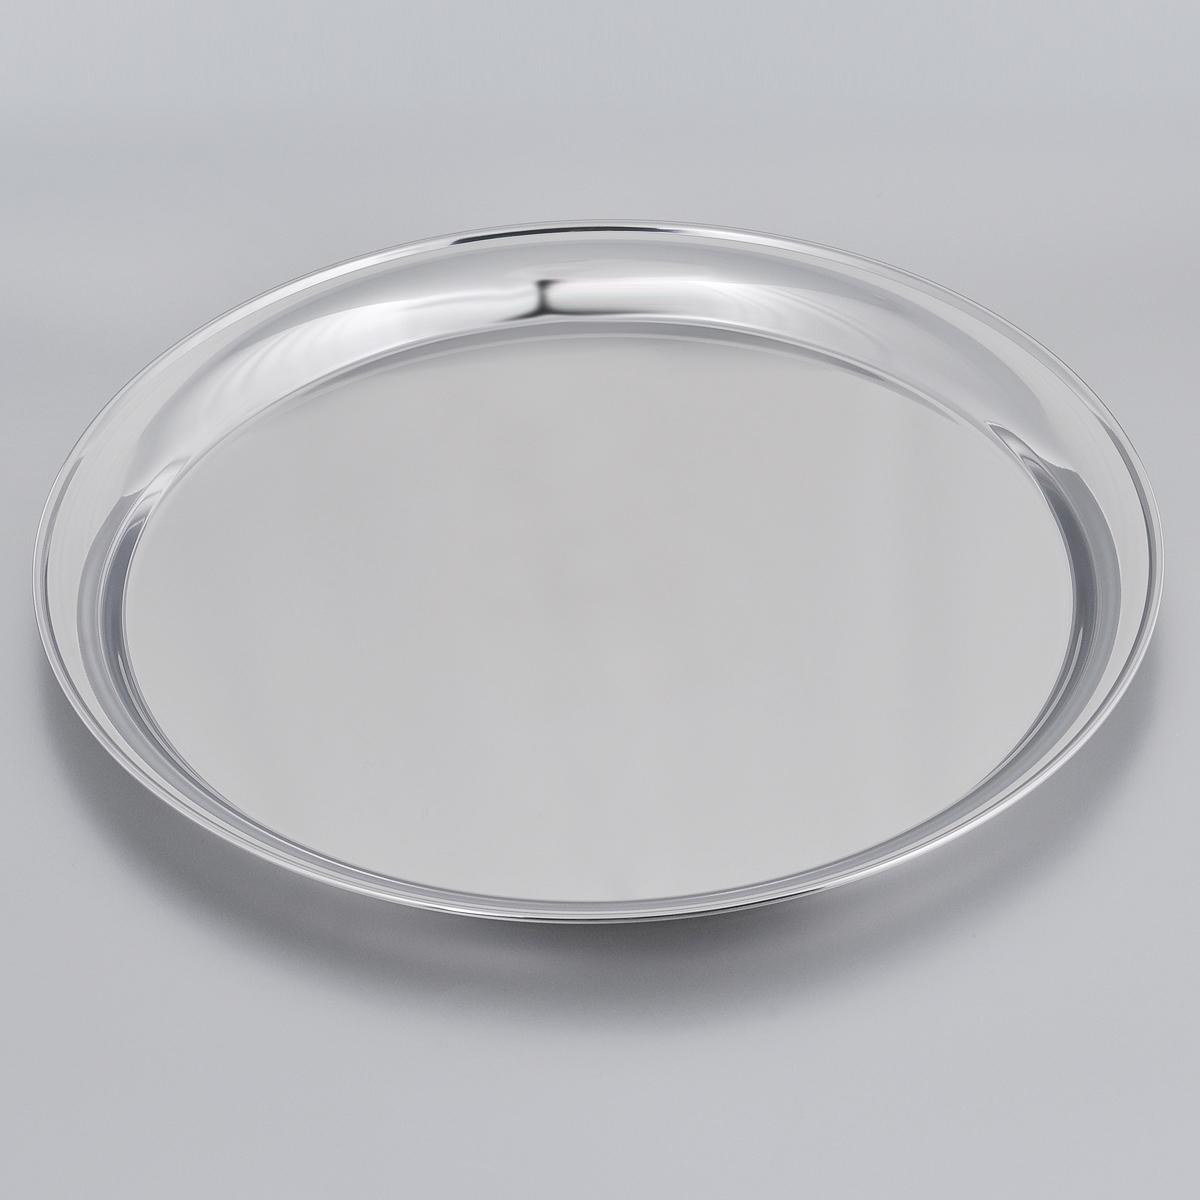 Поднос Tramontina, круглый, диаметр 40 см61413/400-TRКруглый поднос Tramontina, изготовленный из нержавеющей стали с зеркальной полировкой, станет незаменимым предметом для сервировки стола. Поднос предназначен для подачи блюд. Современный стильный дизайн и функциональность позволят подносу занять достойное место на вашей кухне.